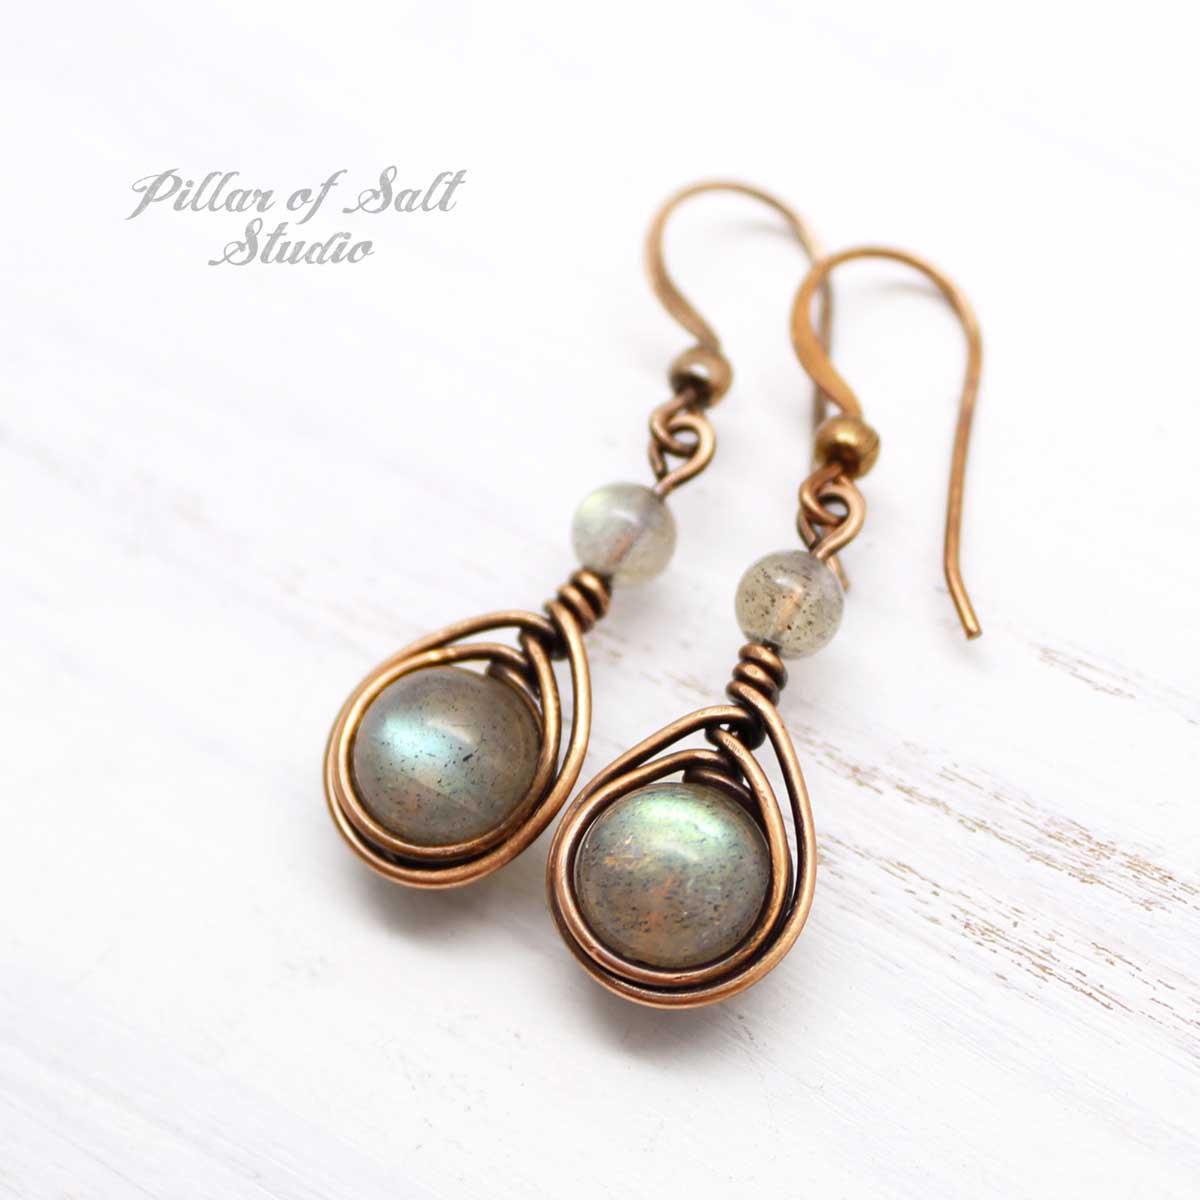 Labradorite earrings in copper by Pillar of Salt Studio